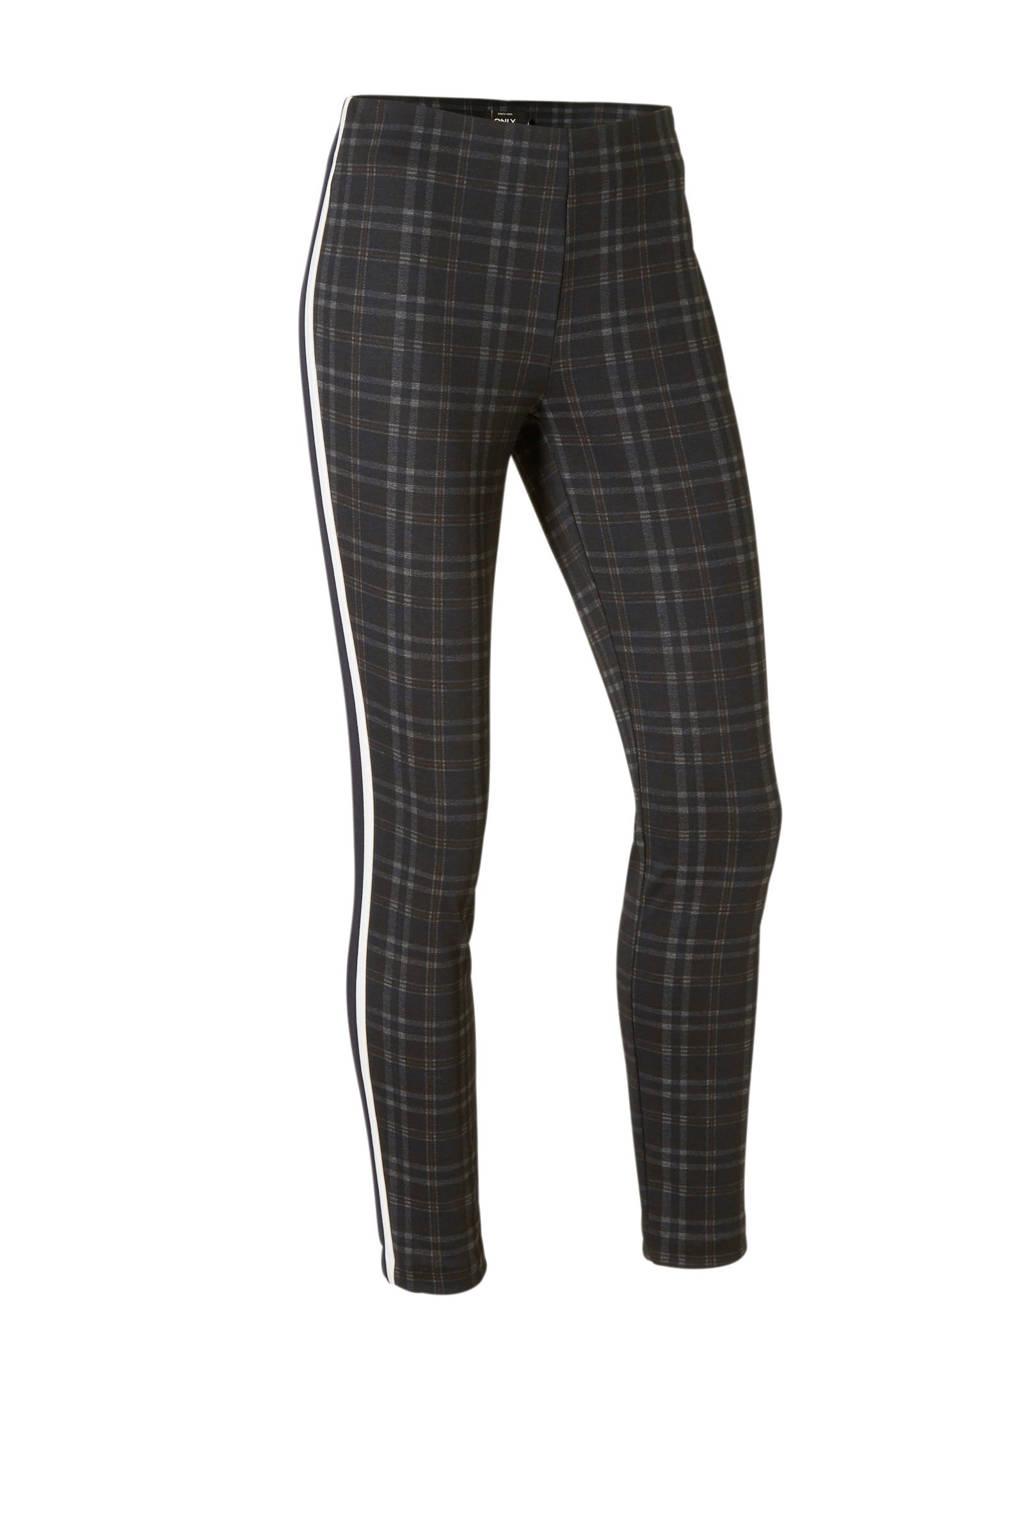 ONLY geruite broek met zij strepen, Zwart/grijs/wit